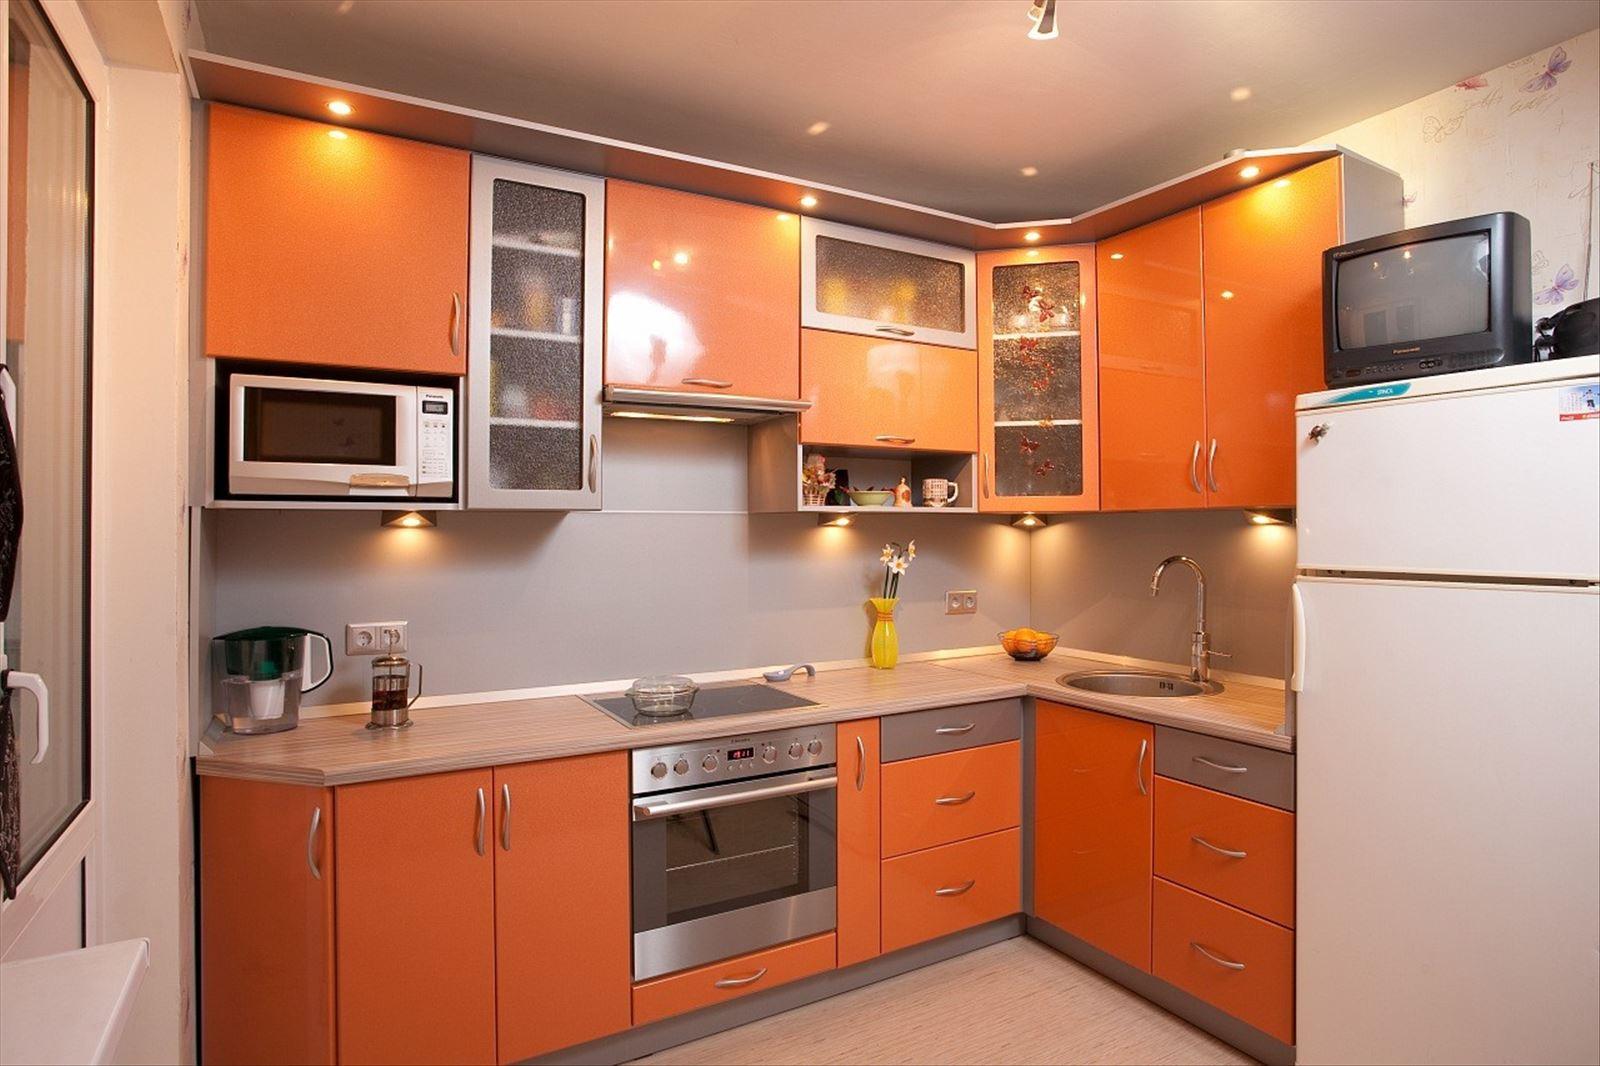 Небольшая кухня на заказ в санкт-петербурге. небольшие кухни.